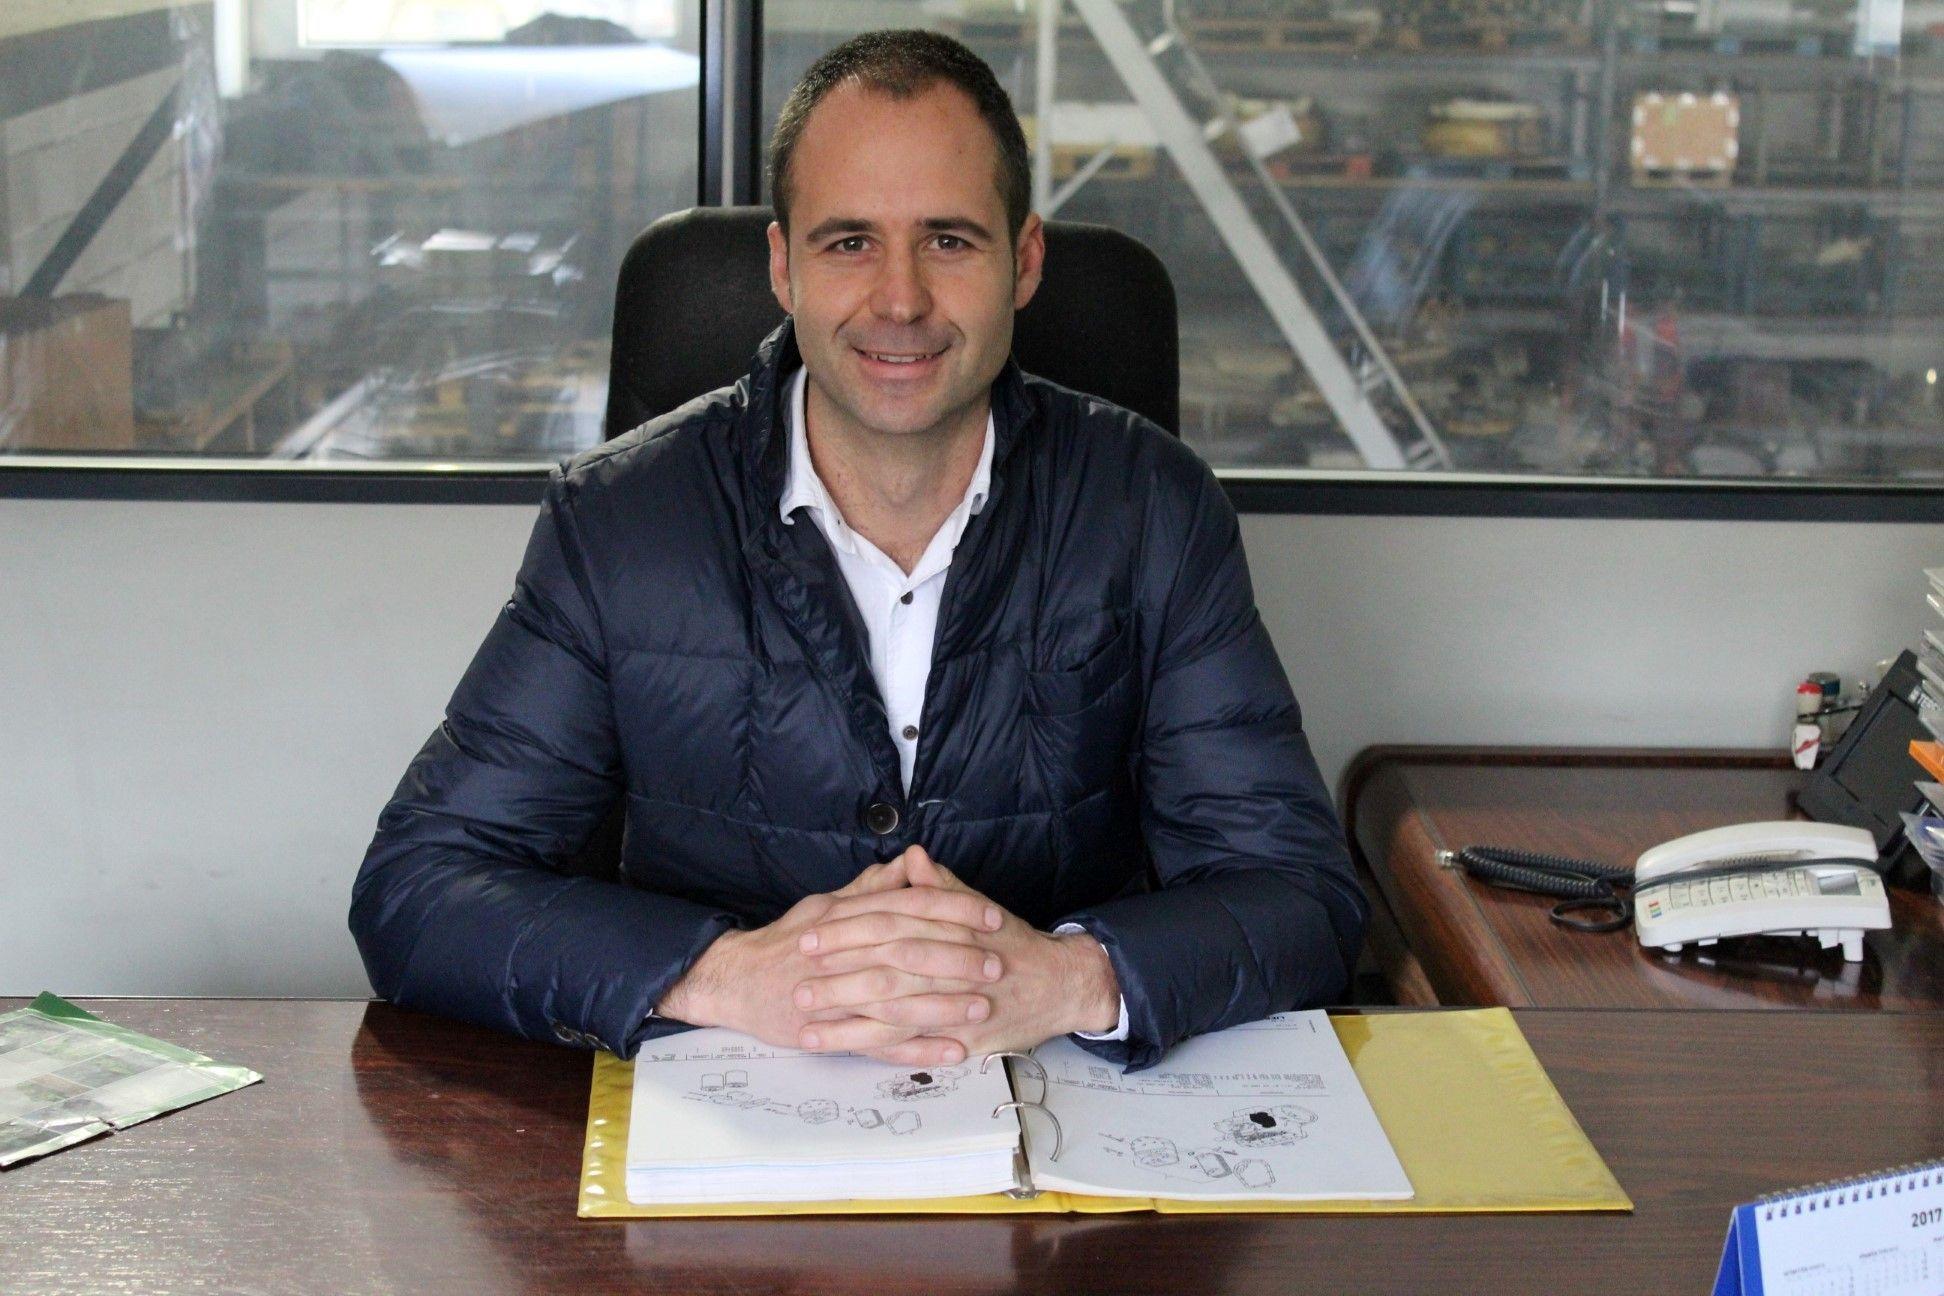 Alberto Honrado